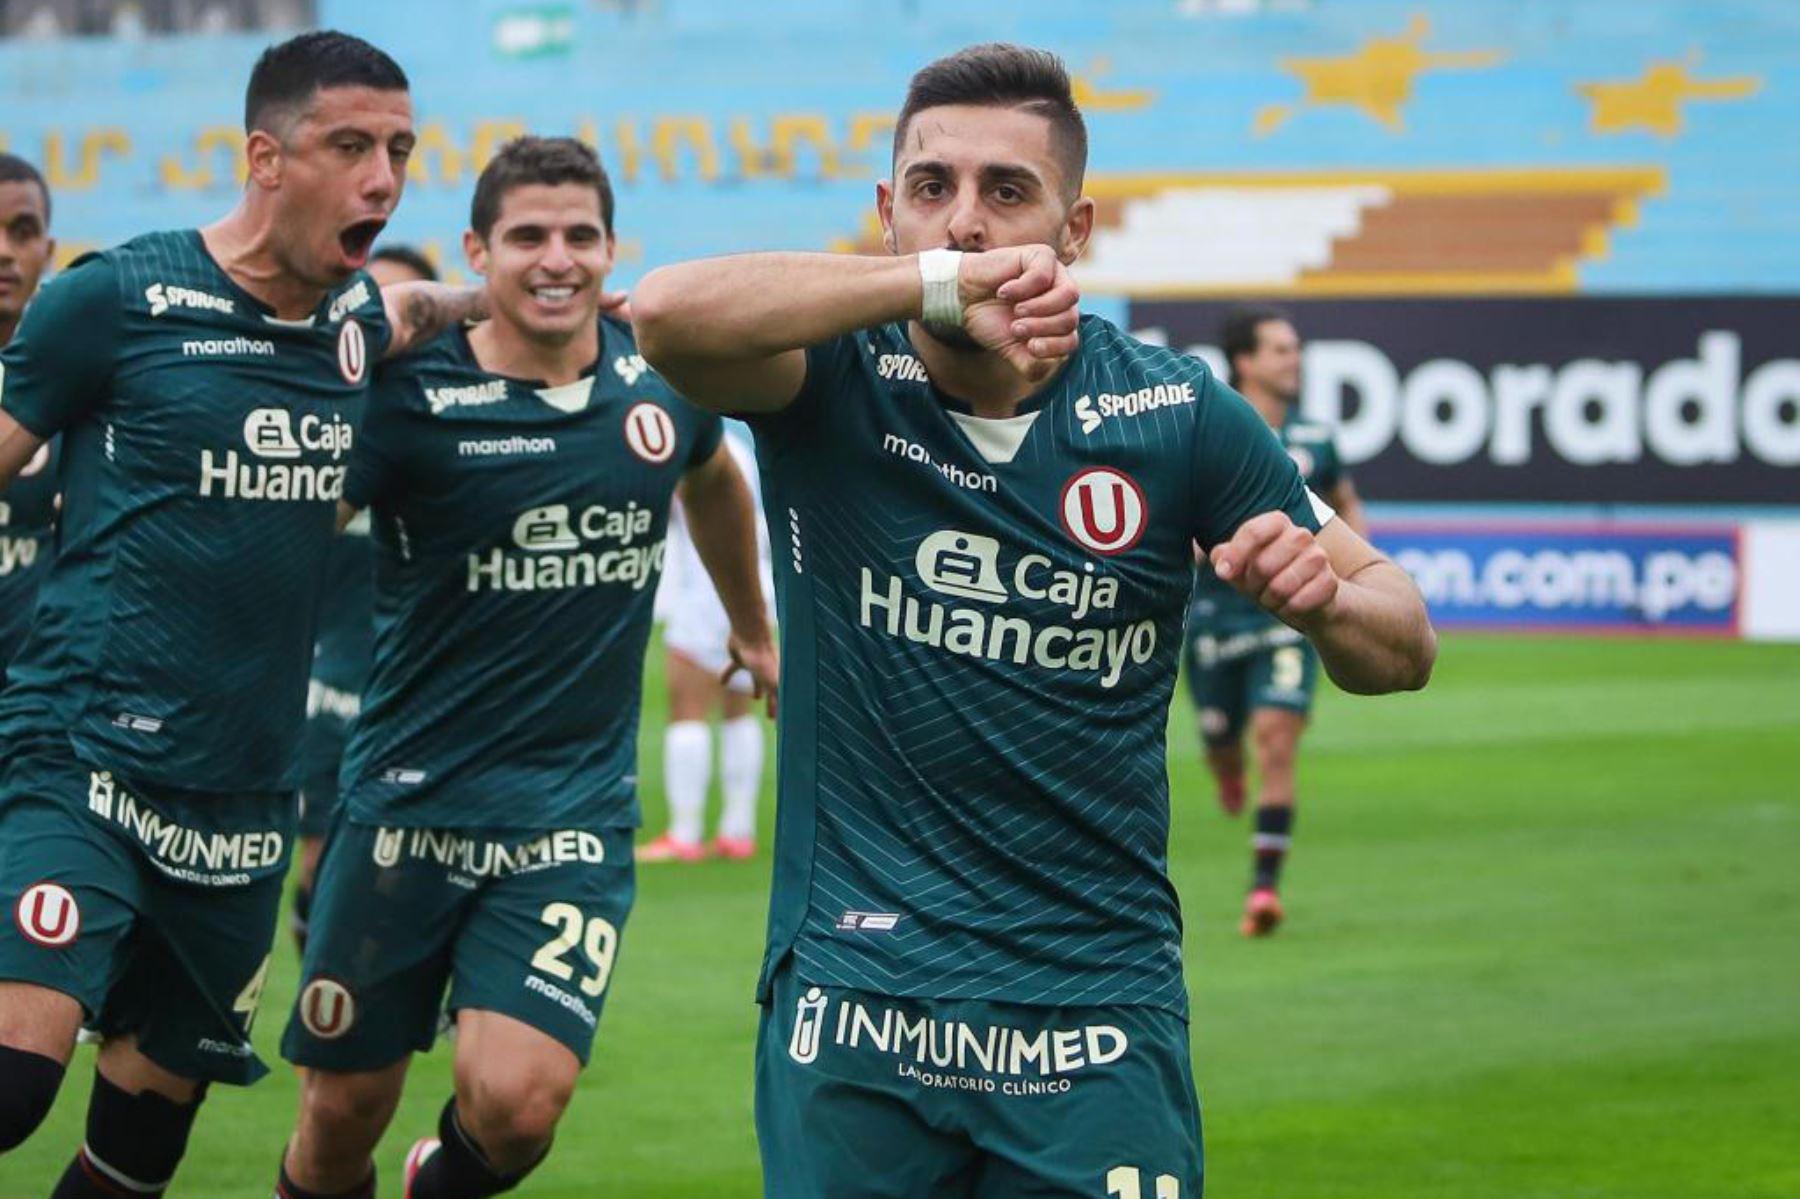 Luis Urruti celebra el 1-0 a favor de Universitario. Foto: Liga 1